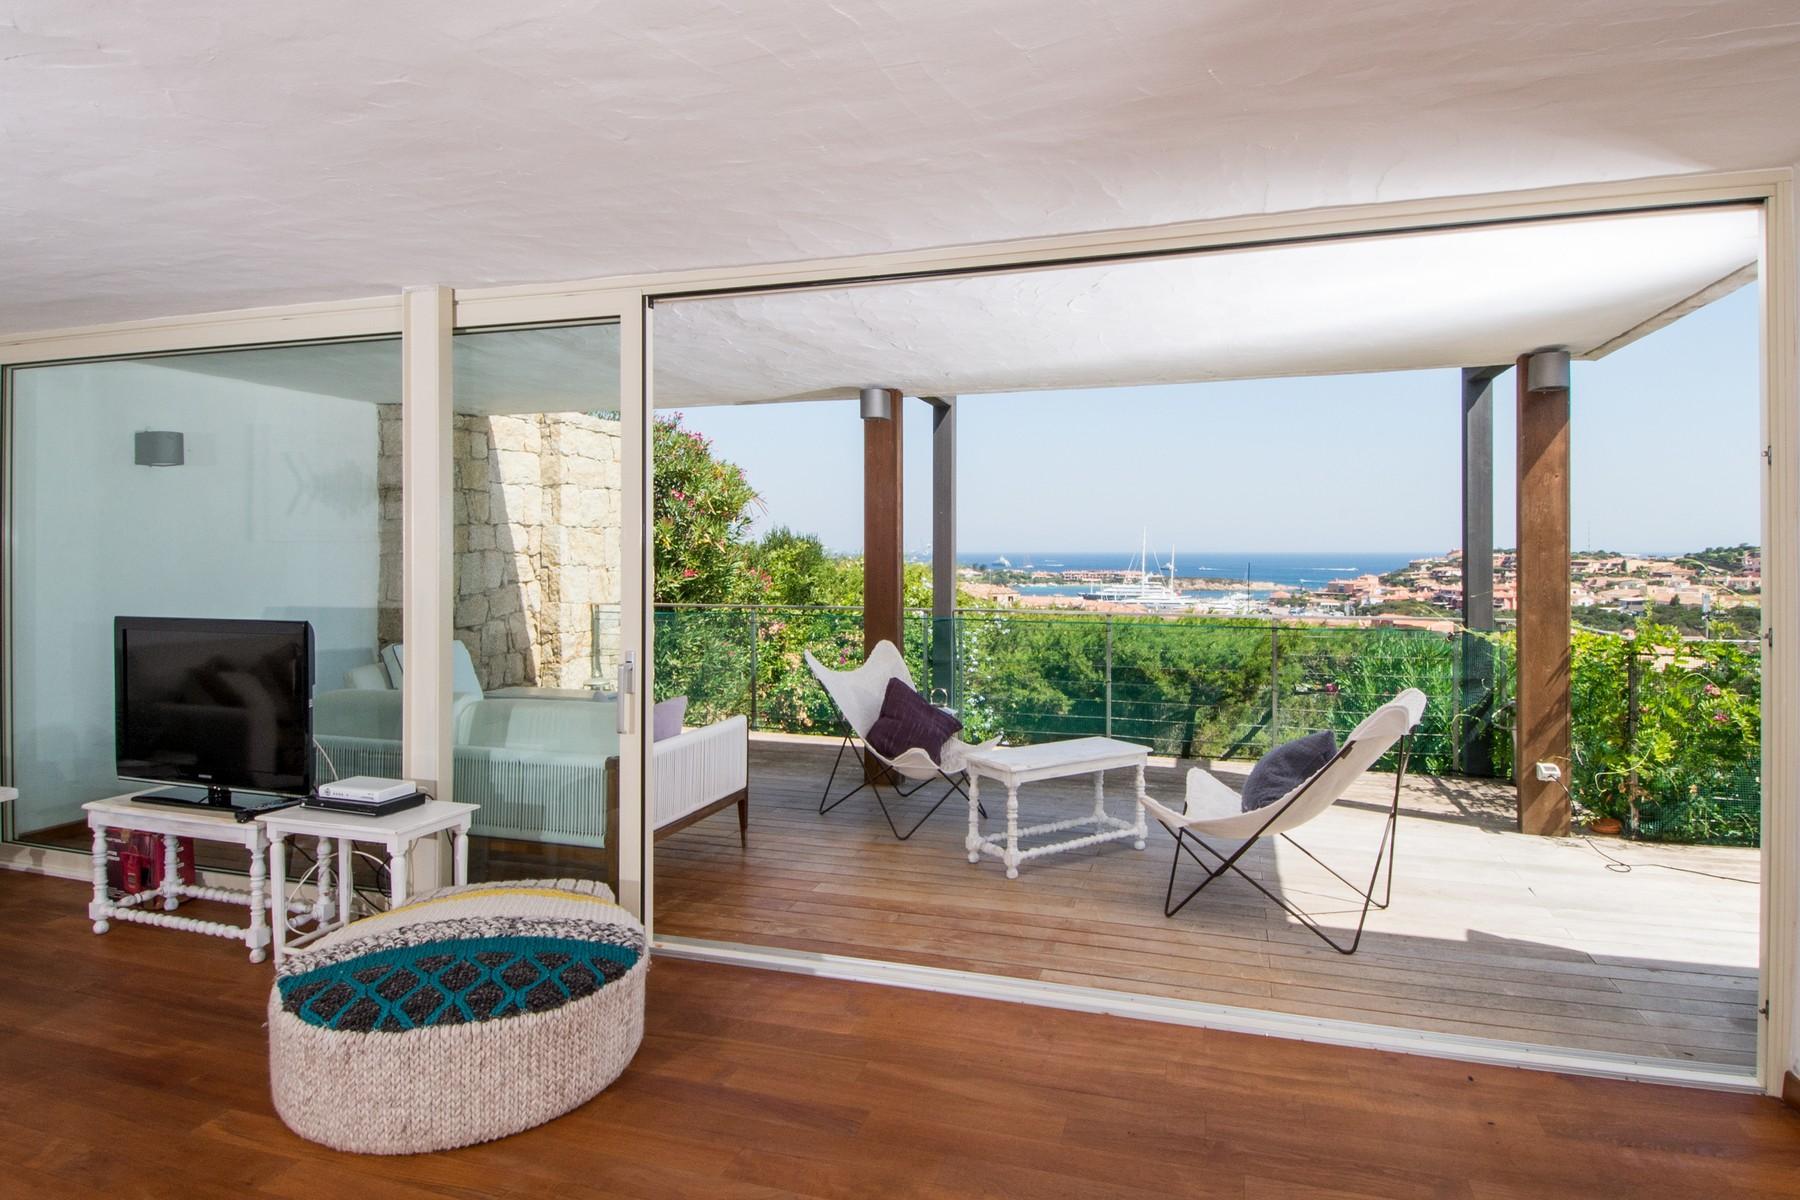 Porto Cervo Centro Замечательный таунхаус с видом на море и центр Порто Черво, Сардиния, Италия - 1